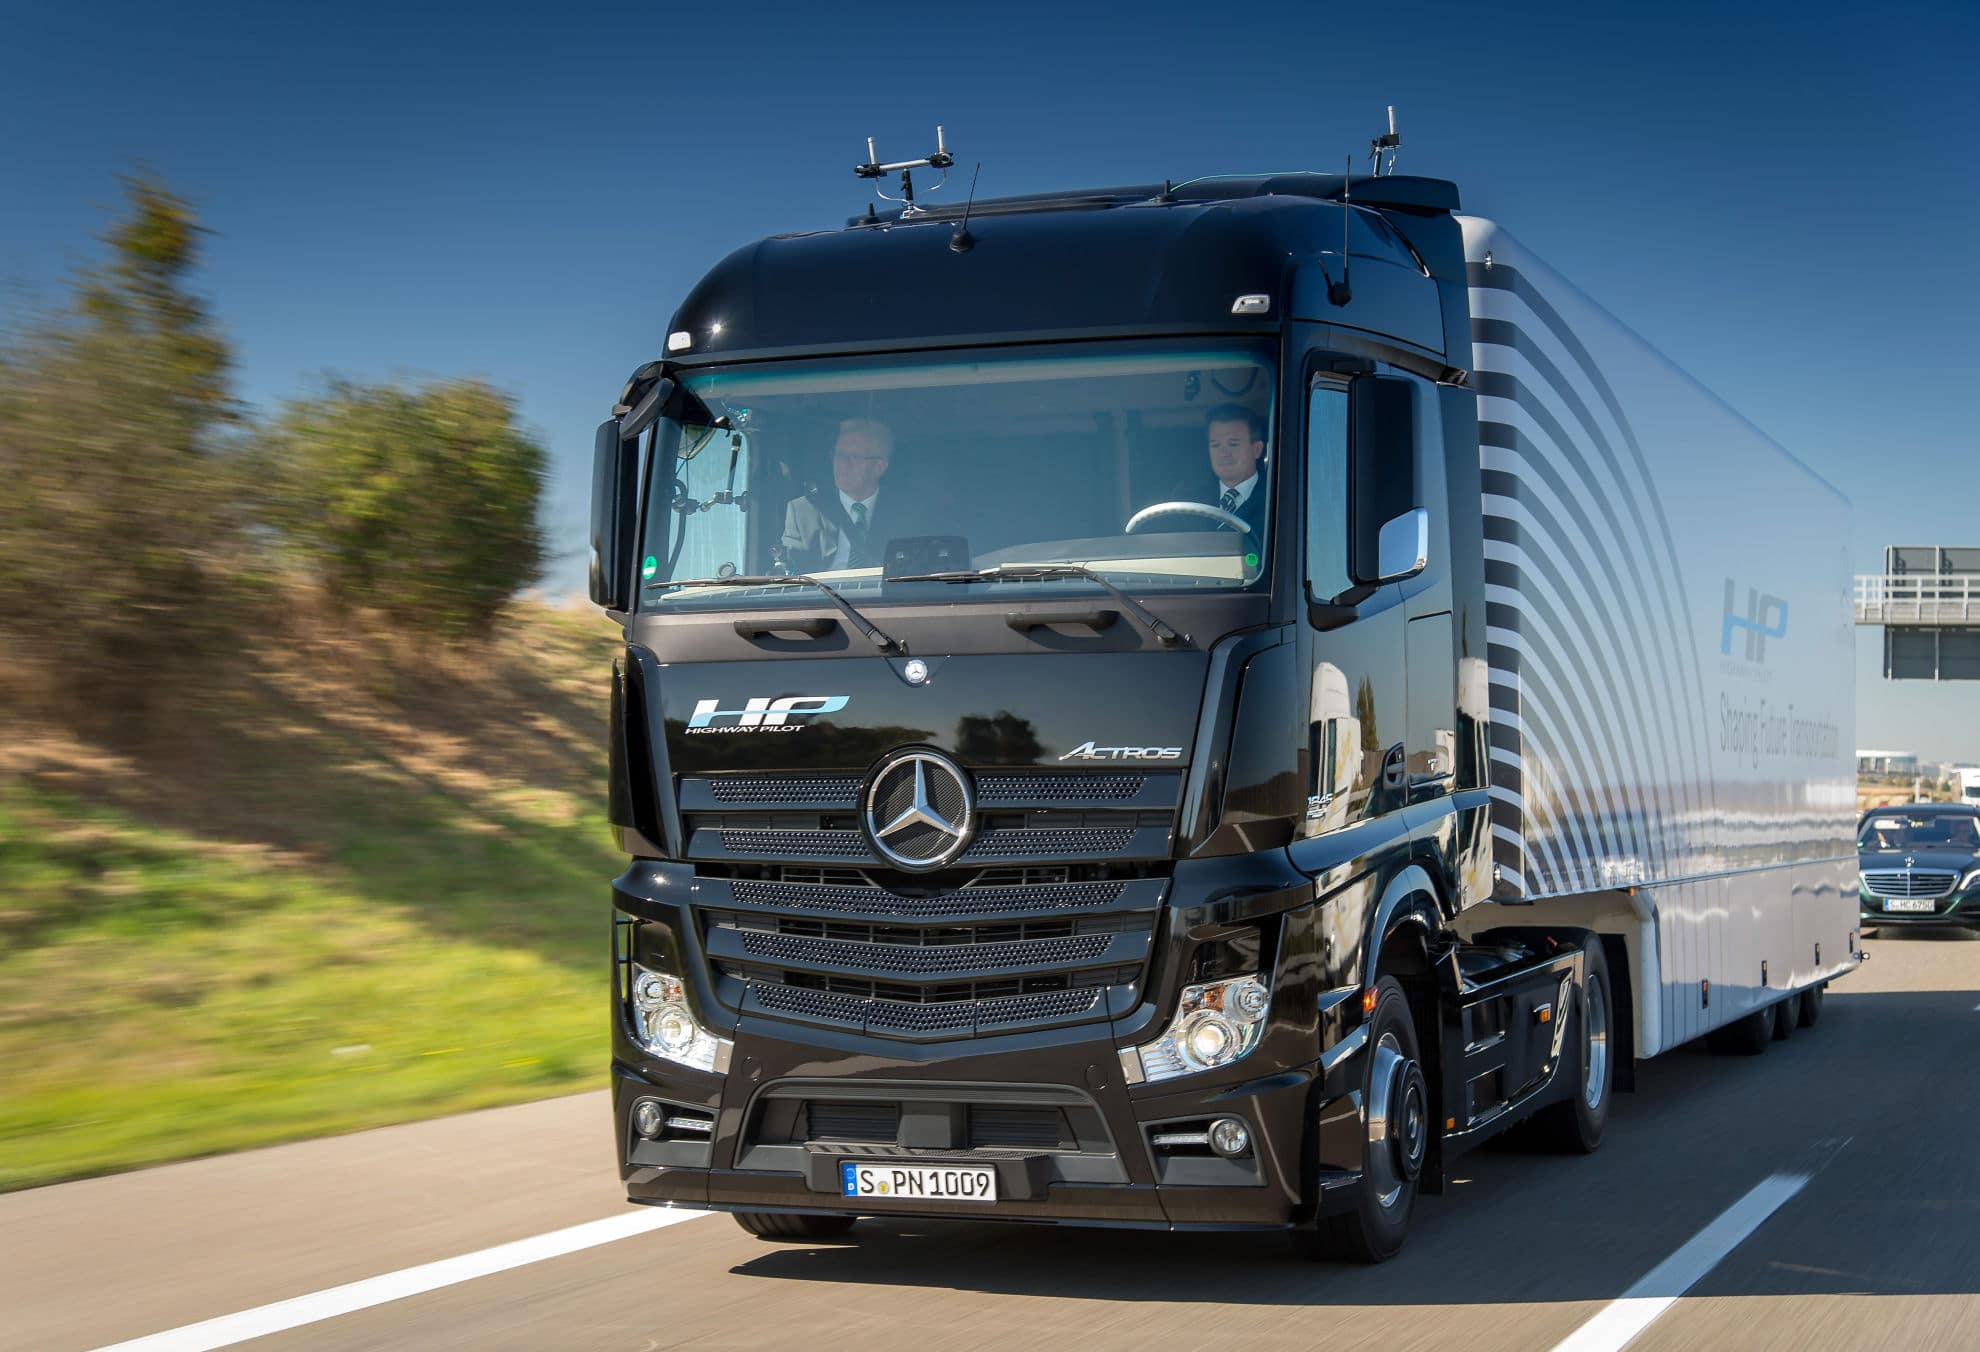 Autonom fahrende LKW